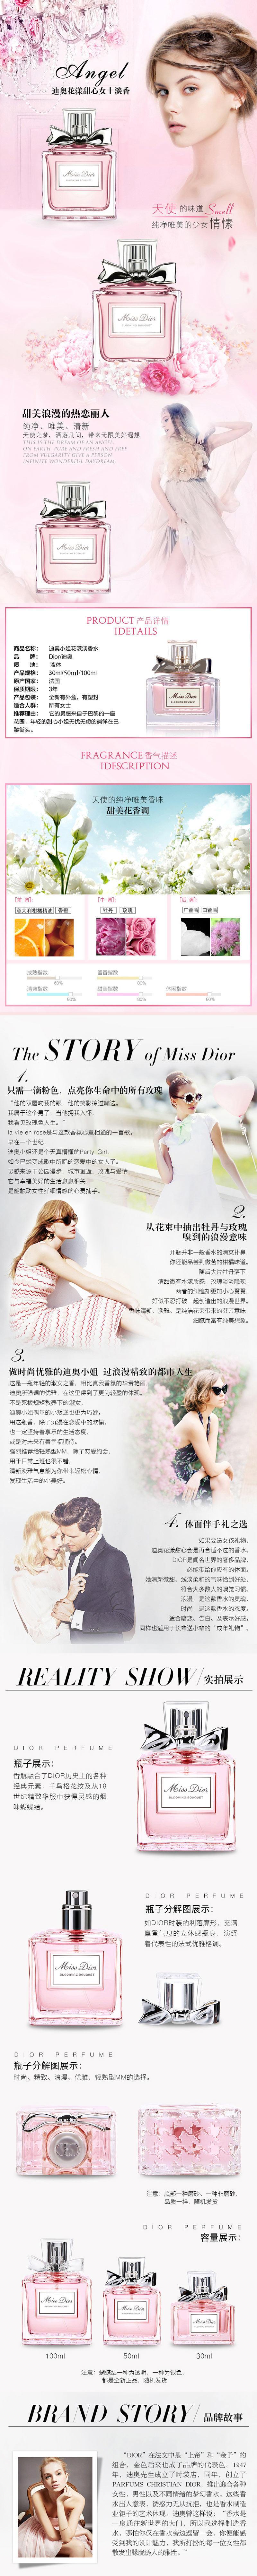 1_CC29D57CC0050.jpg